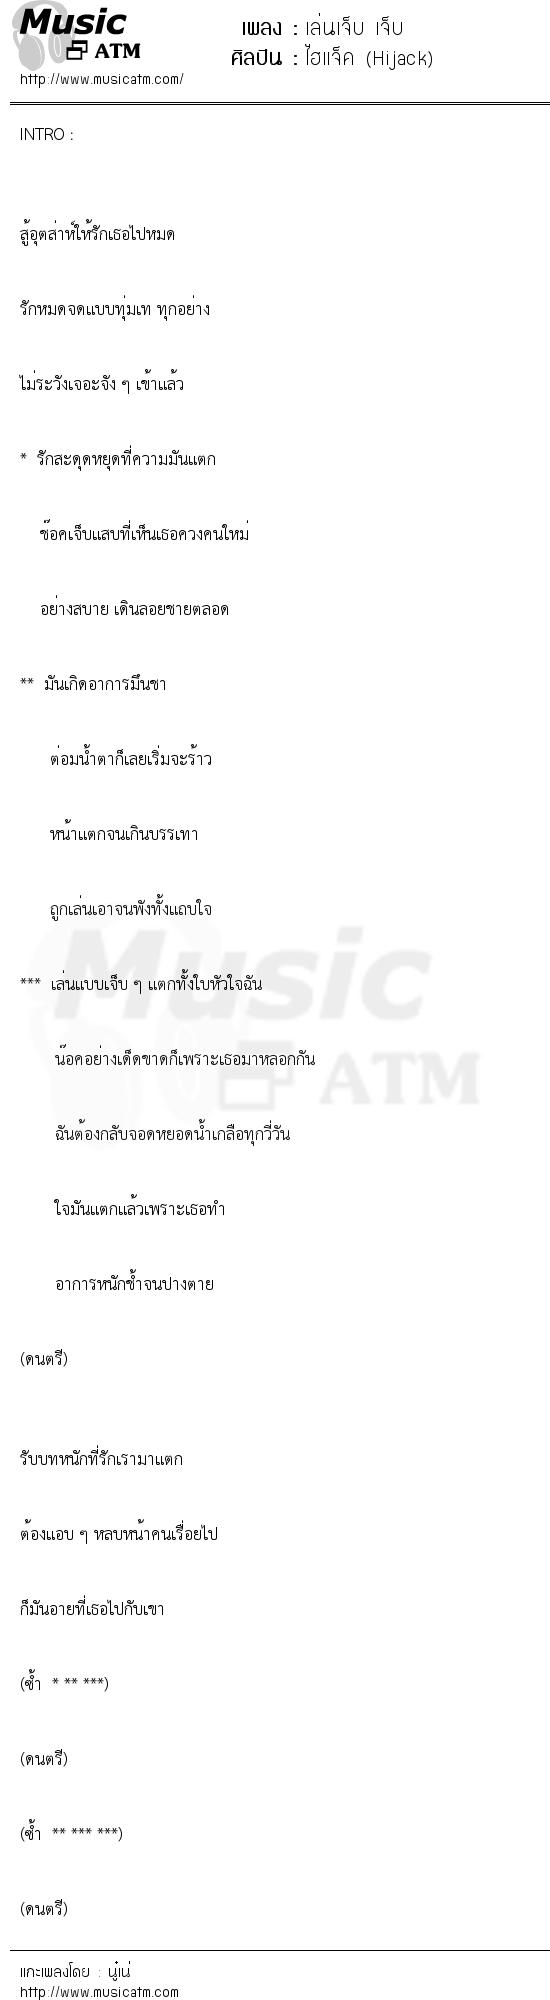 เล่นเจ็บ เจ็บ | เพลงไทย